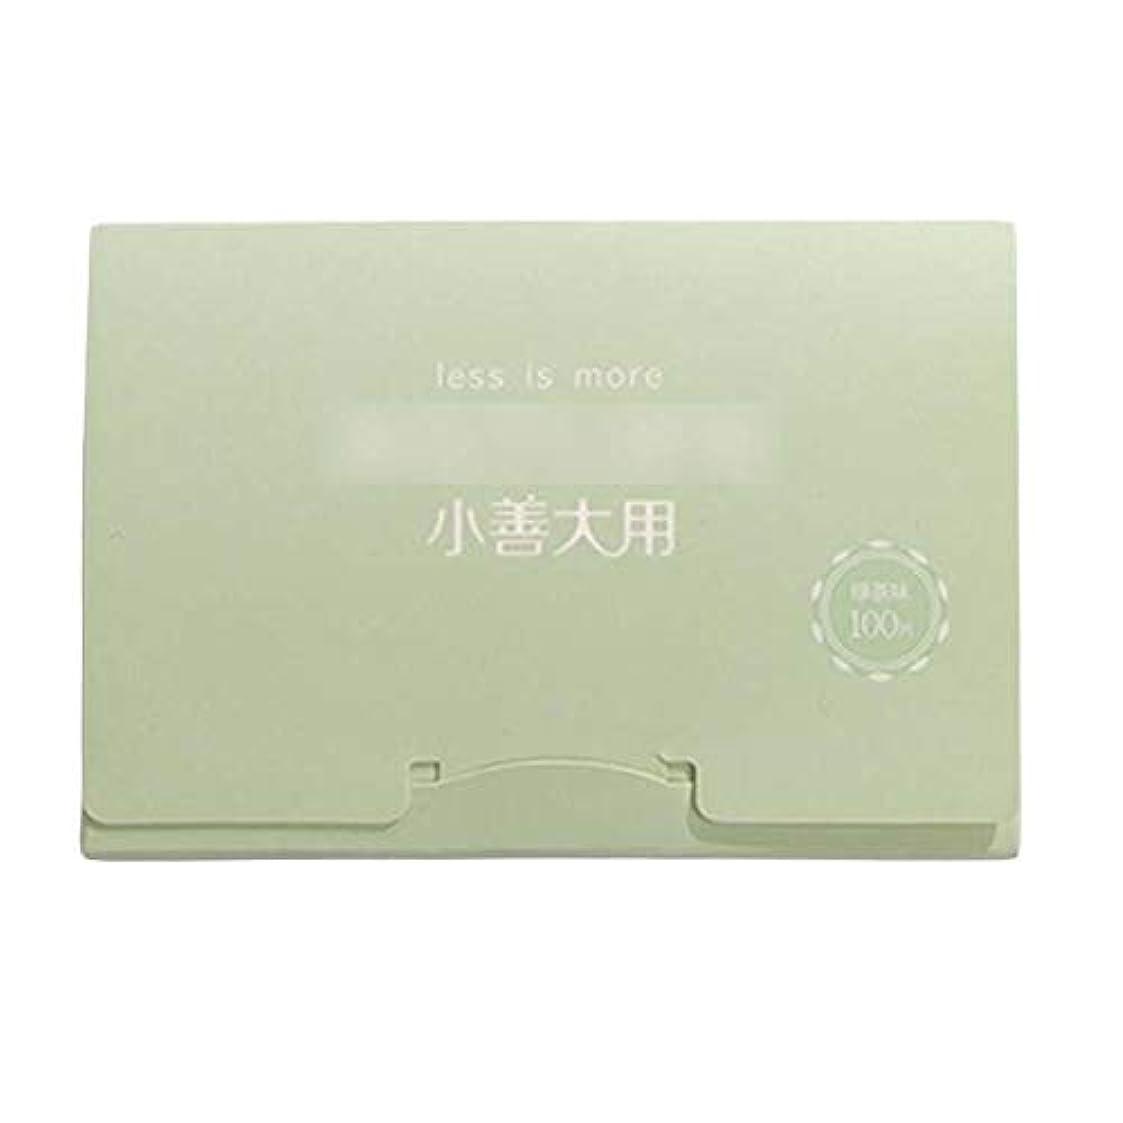 意味スペクトラム。緑茶夏顔用携帯用あぶらとりティッシュペーパー、300枚